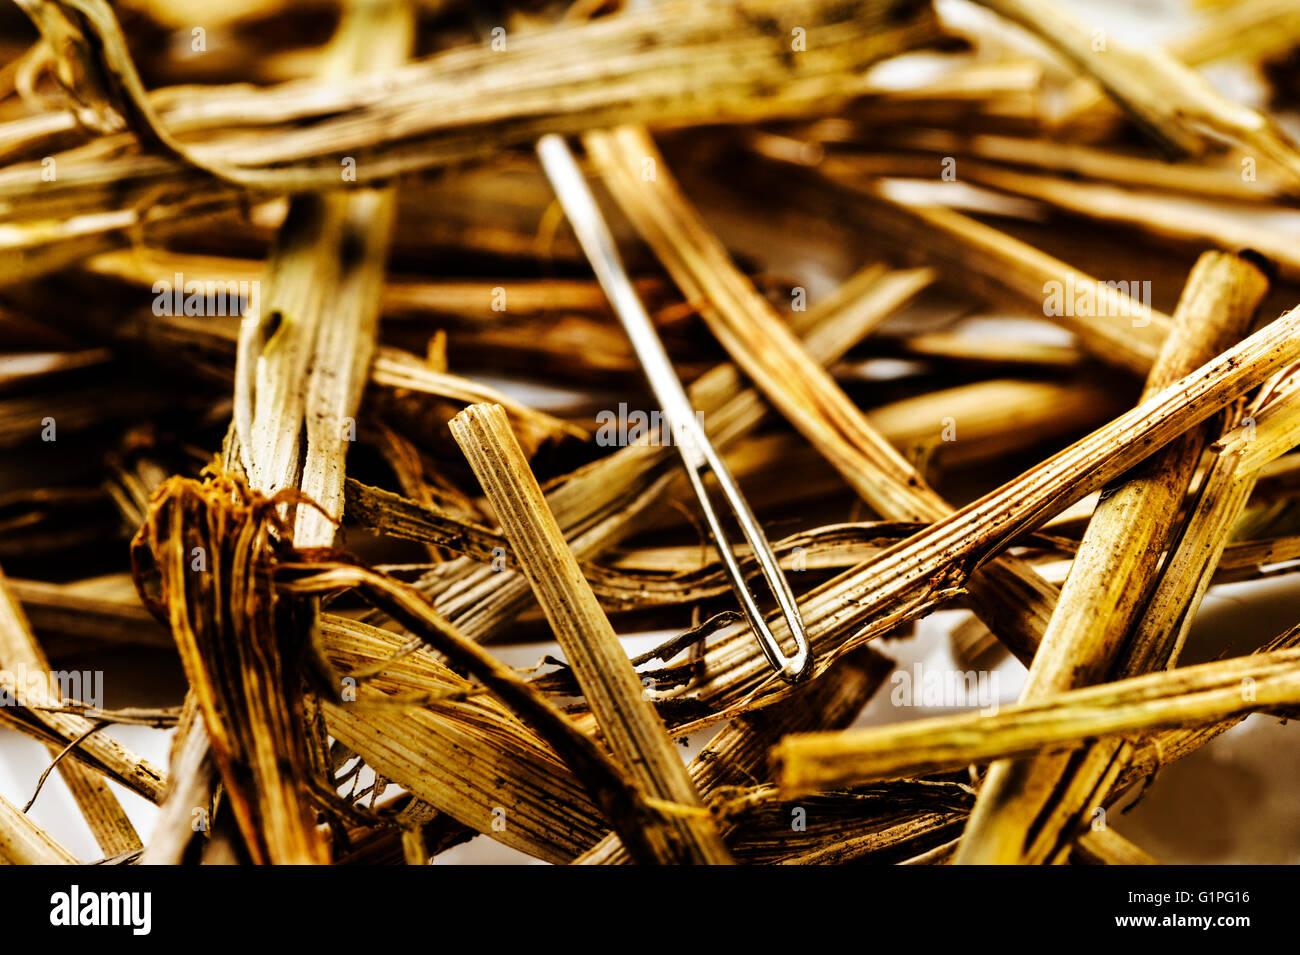 Auf der Suche nach verlorenen Nadel im Heuhaufen. Die Suche. Verloren und gefunden. Stockbild